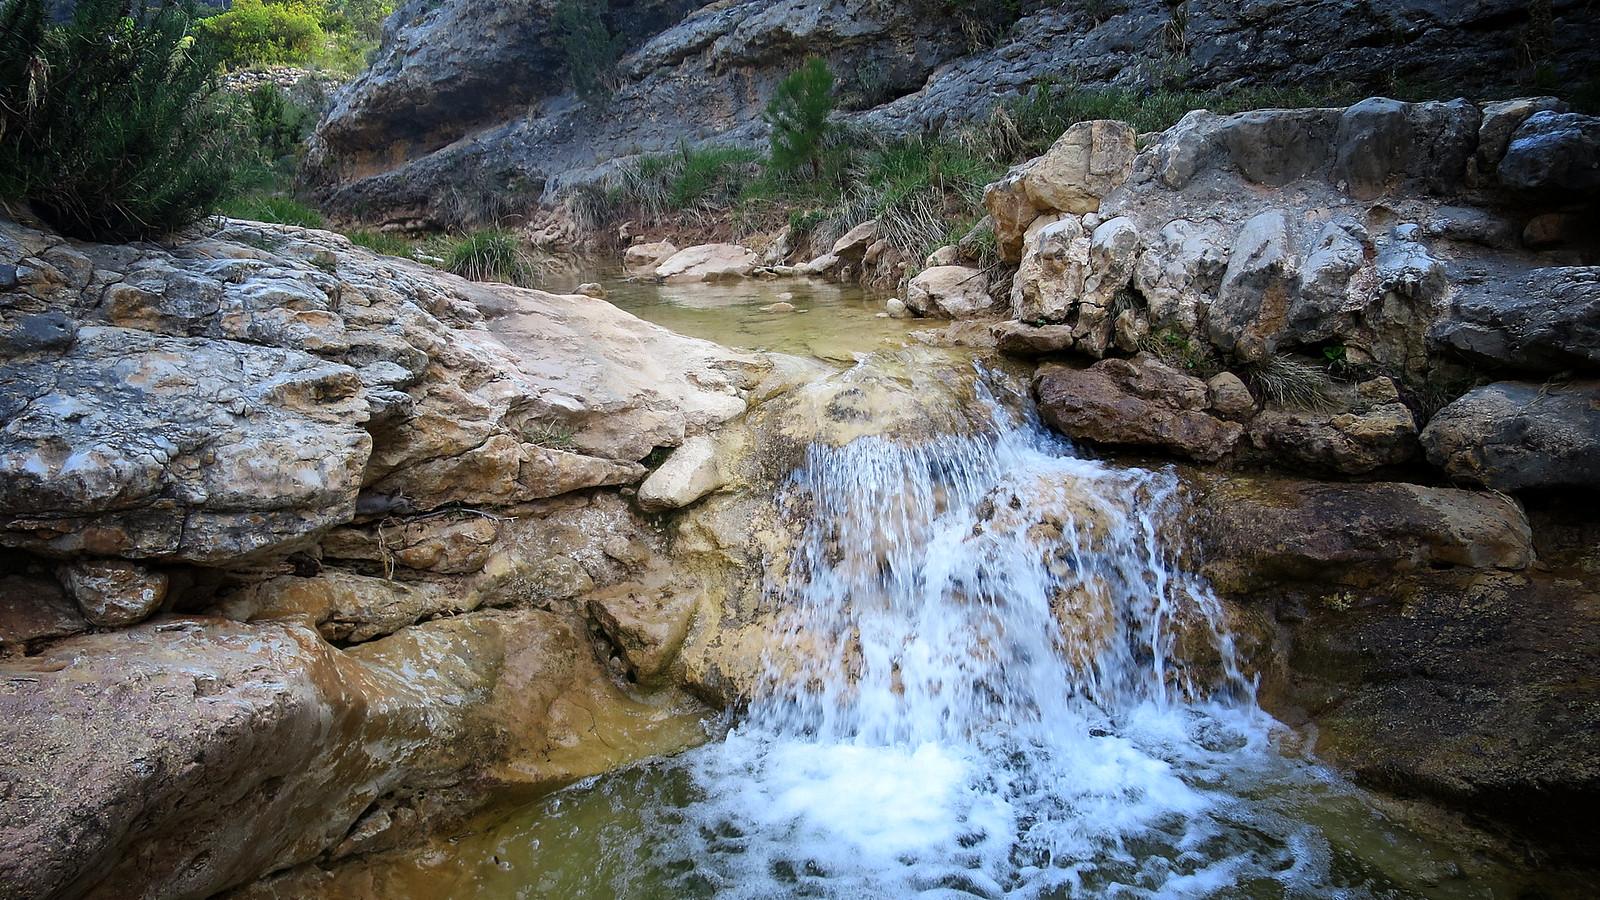 Moror - Barranc del Bosc - Sant Martí de les Tombetes - el Castellot